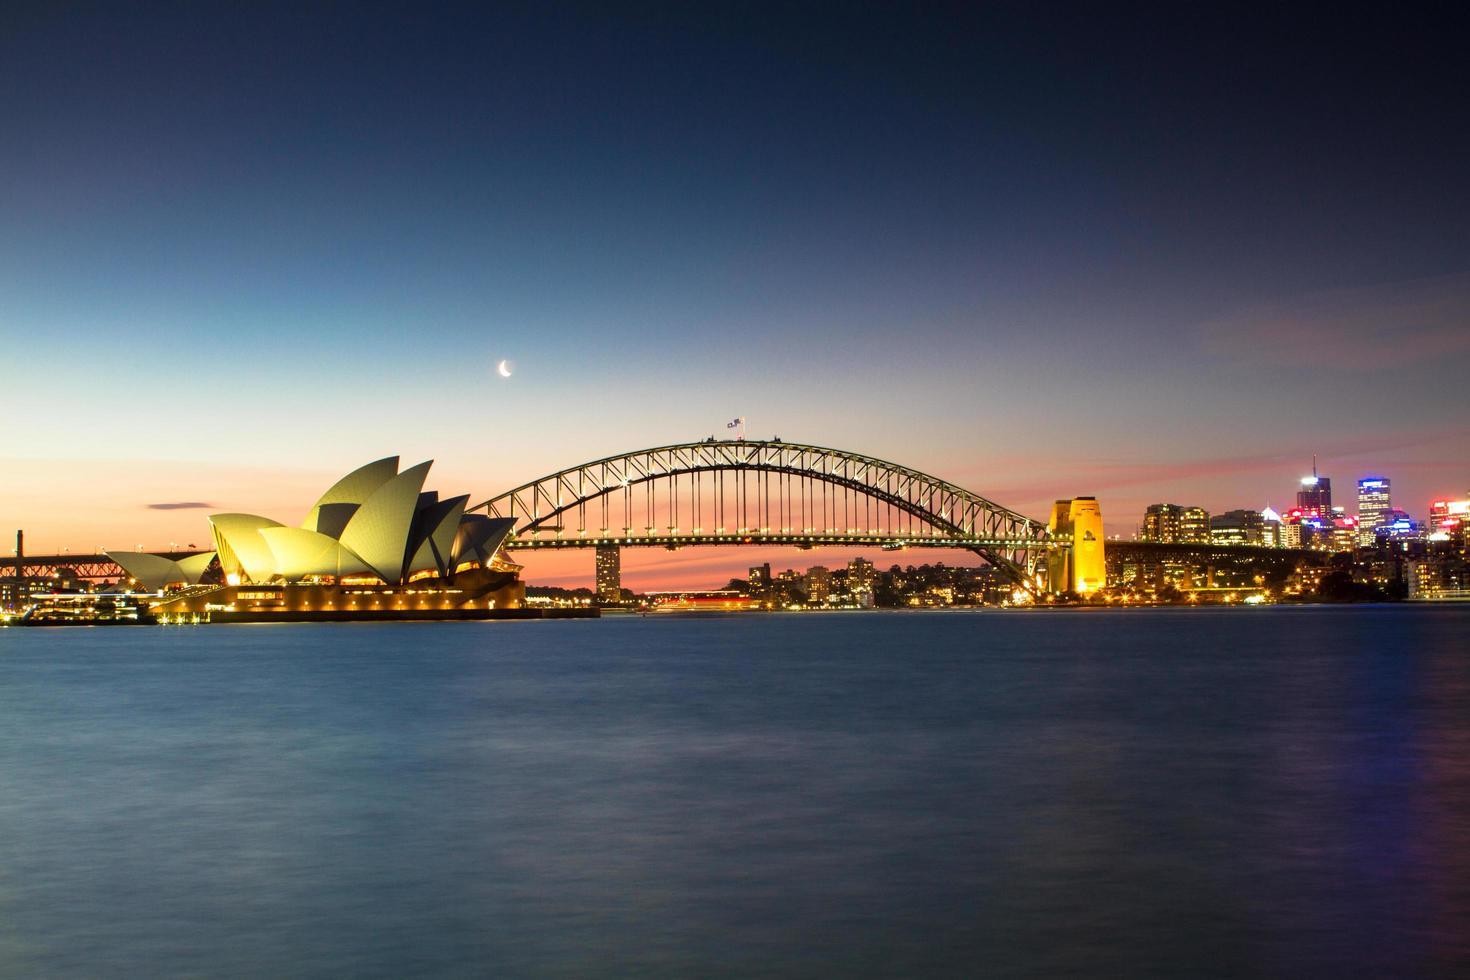 Sydney, Australien, 2020 - Sydney Opera House bei Sonnenuntergang foto